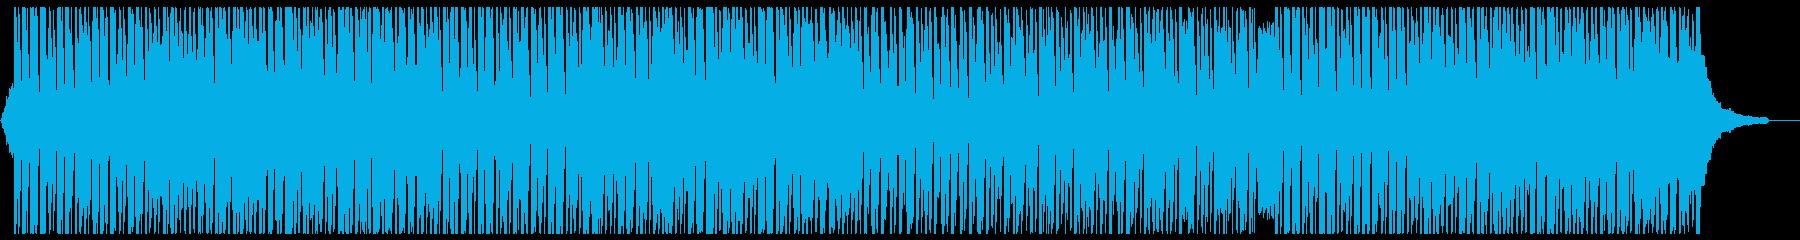 可愛くノリの良いアコースティックポップの再生済みの波形